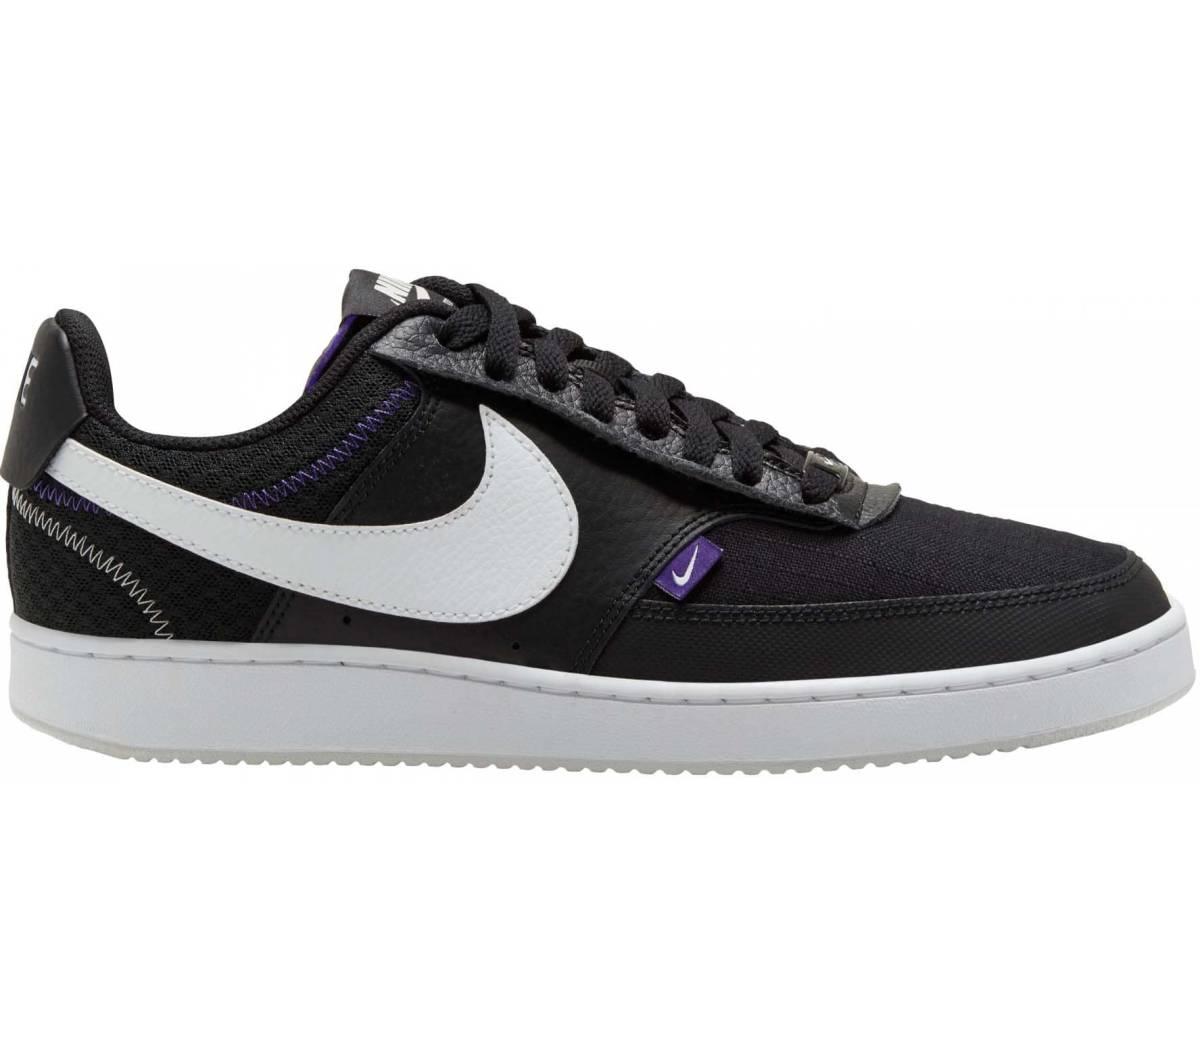 Nike Court Vision Lo Prem Herren Sneaker schwarz weiß  CD5464 001